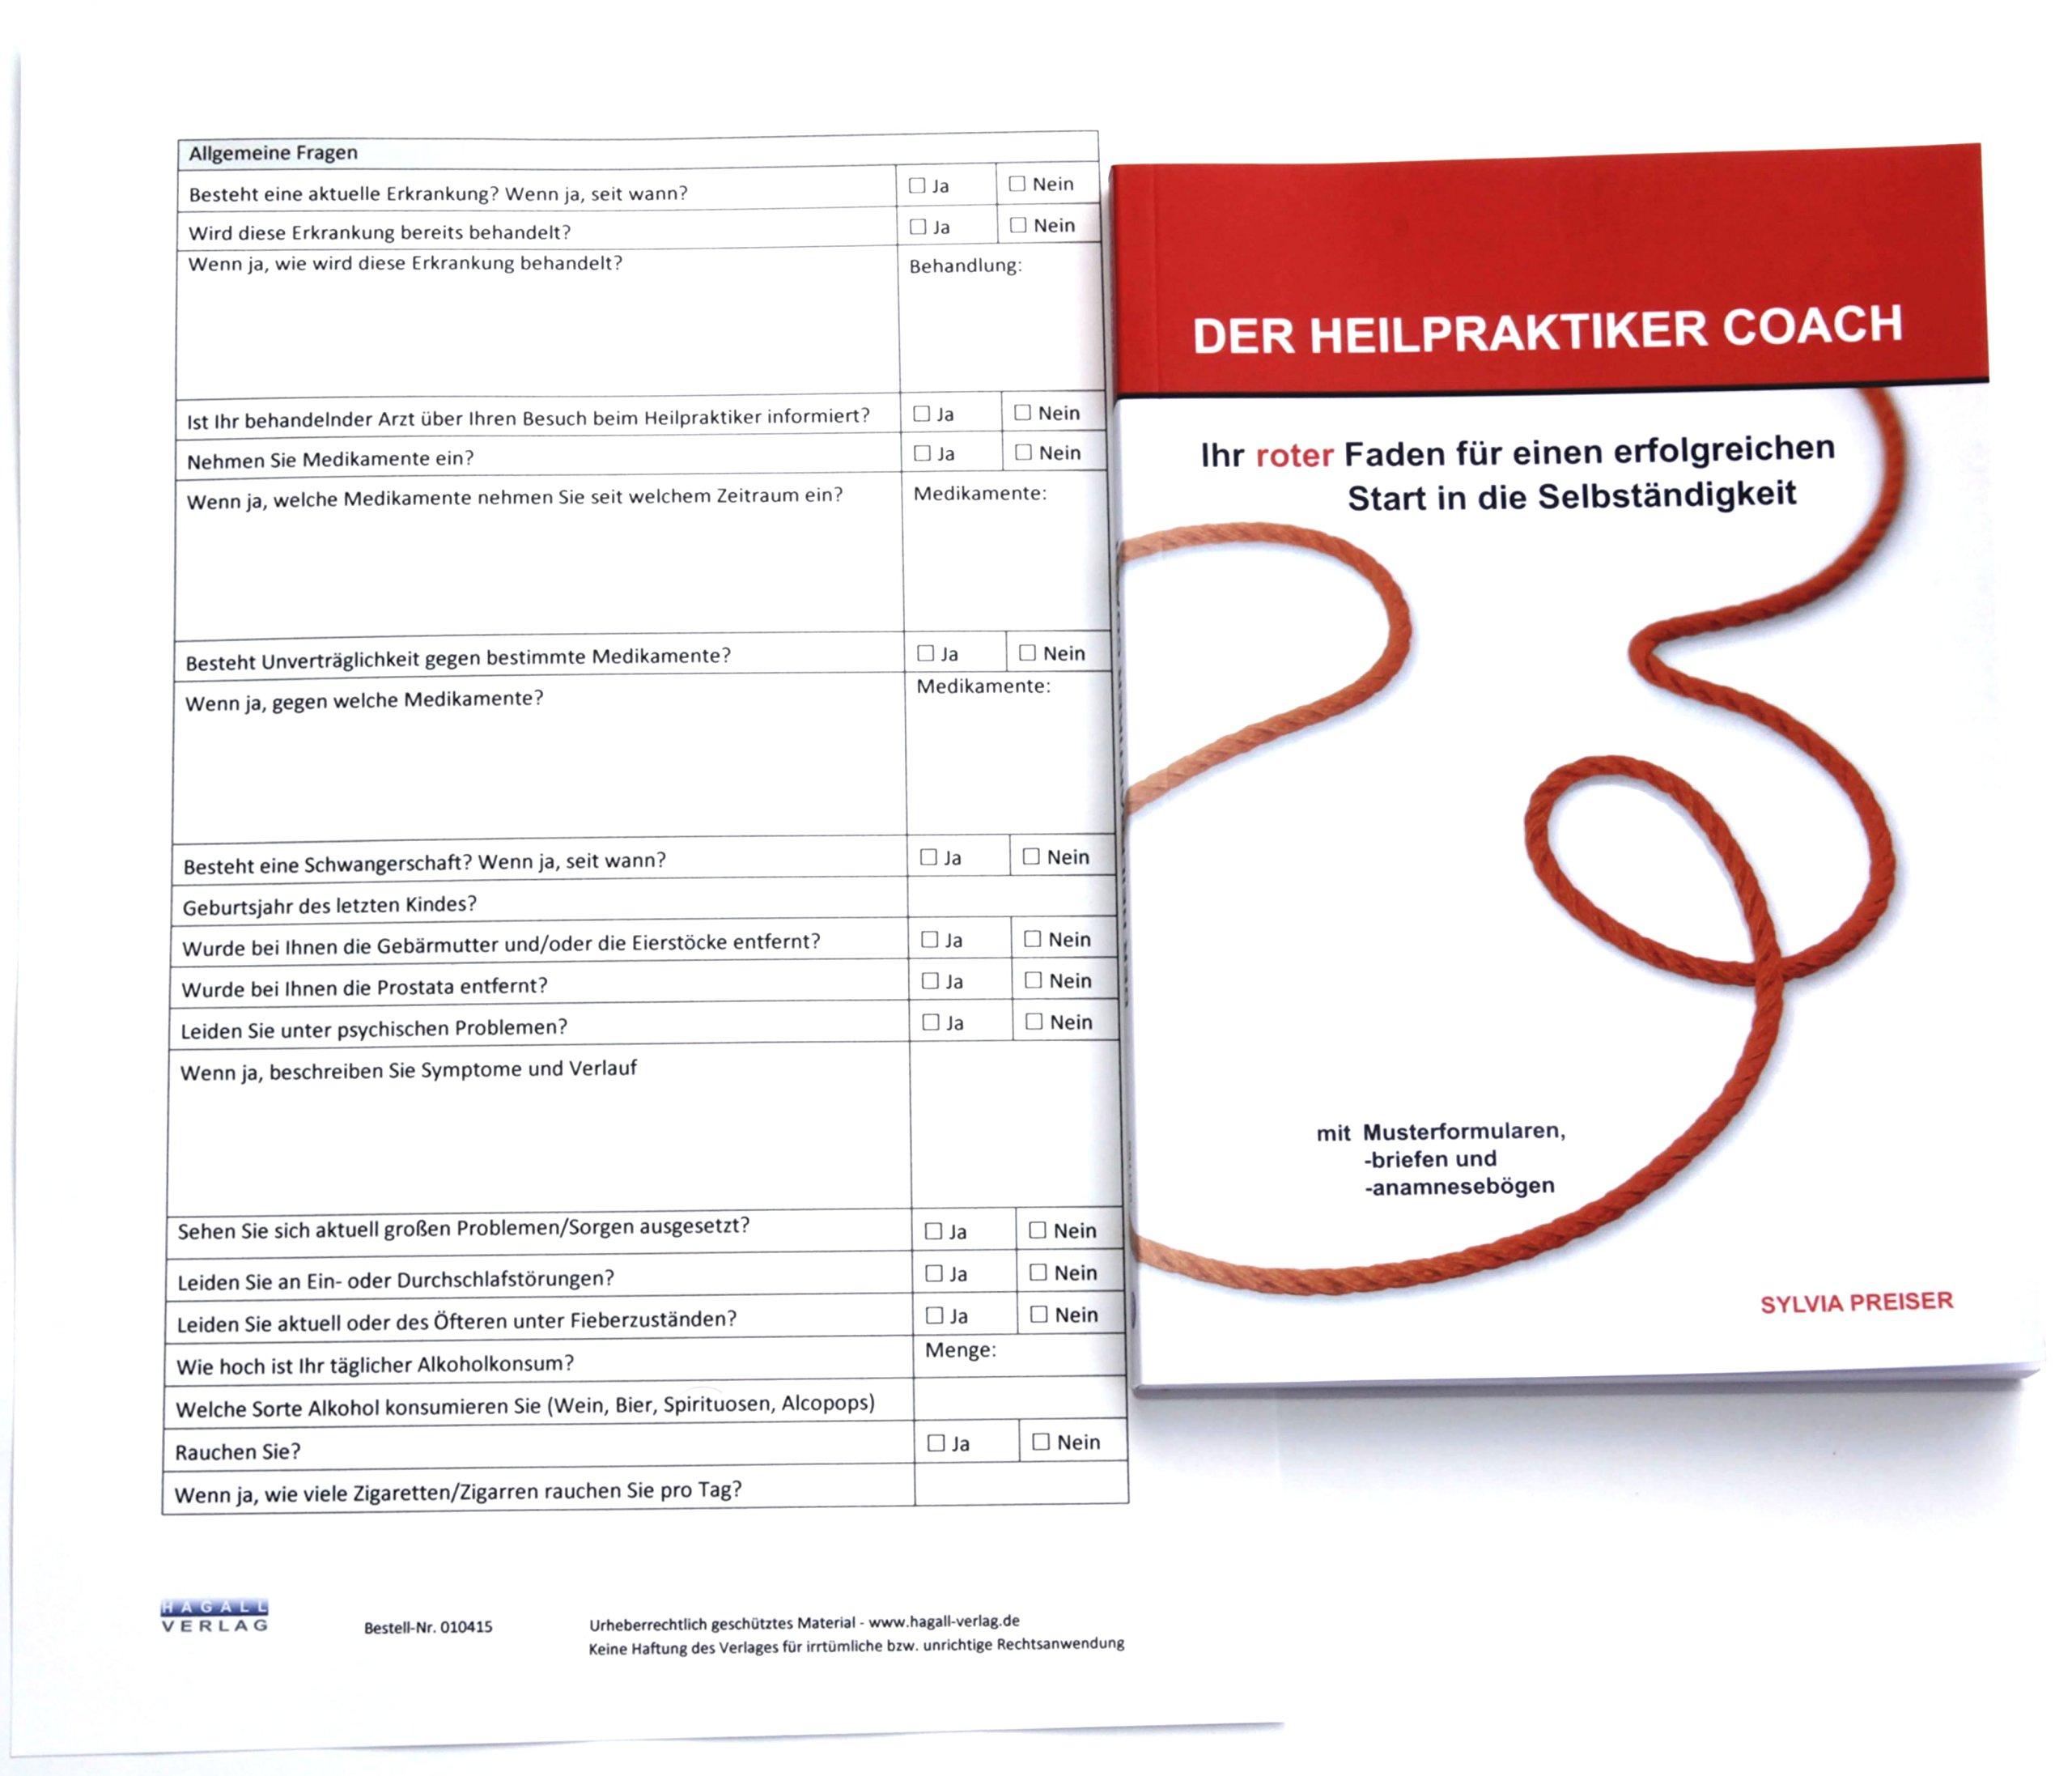 Großartig Lebenslauf Schriftsteller Und Karriere Coaches Ideen ...